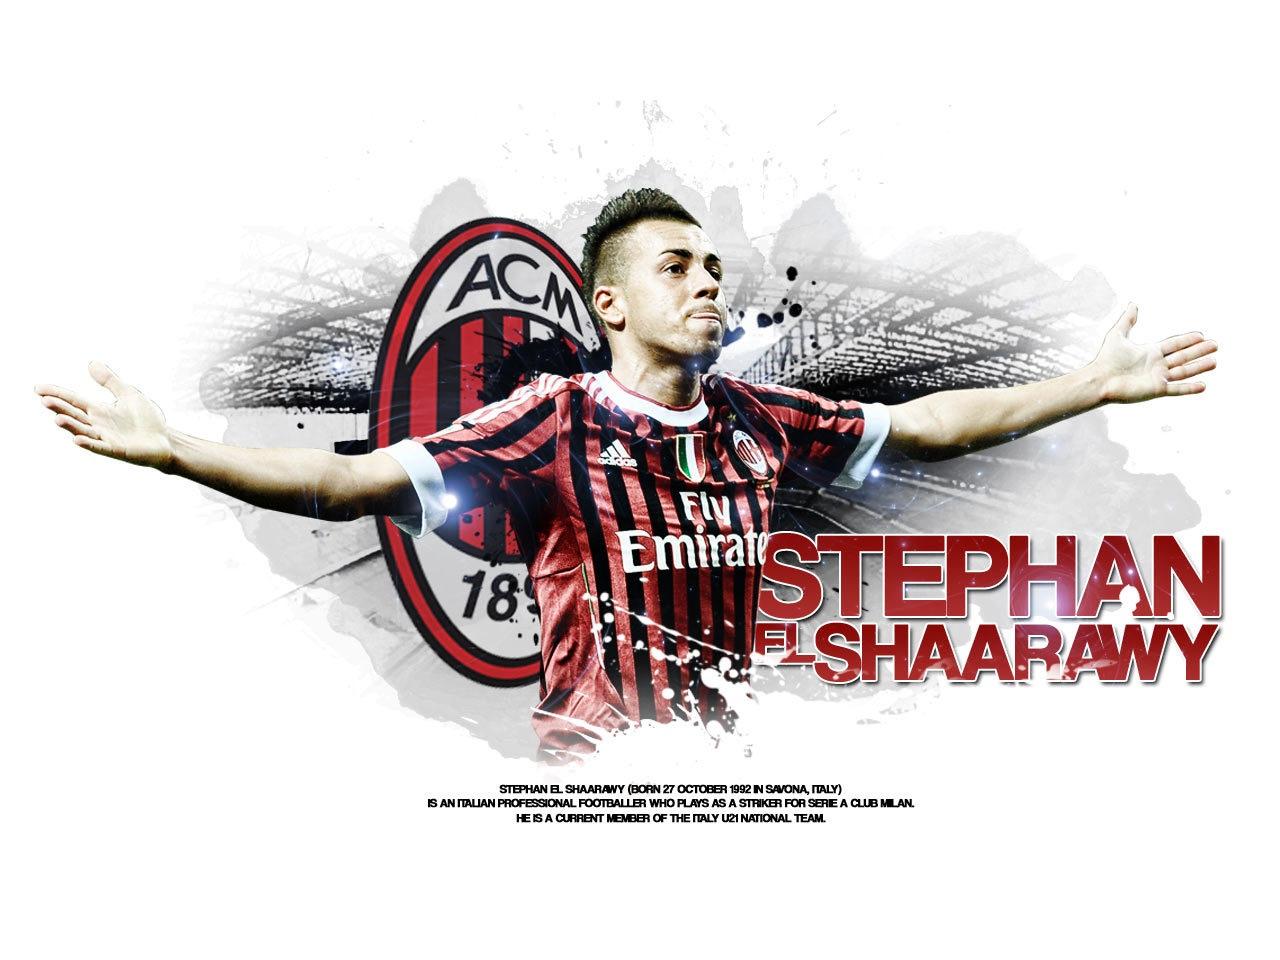 http://4.bp.blogspot.com/-Wso1XzzXg4s/UAfM7n6kaTI/AAAAAAAAETw/Yq0rhLi8b1o/s1600/Stephan-El-Shaarawy-AC-Milan-Wallpaper.jpg